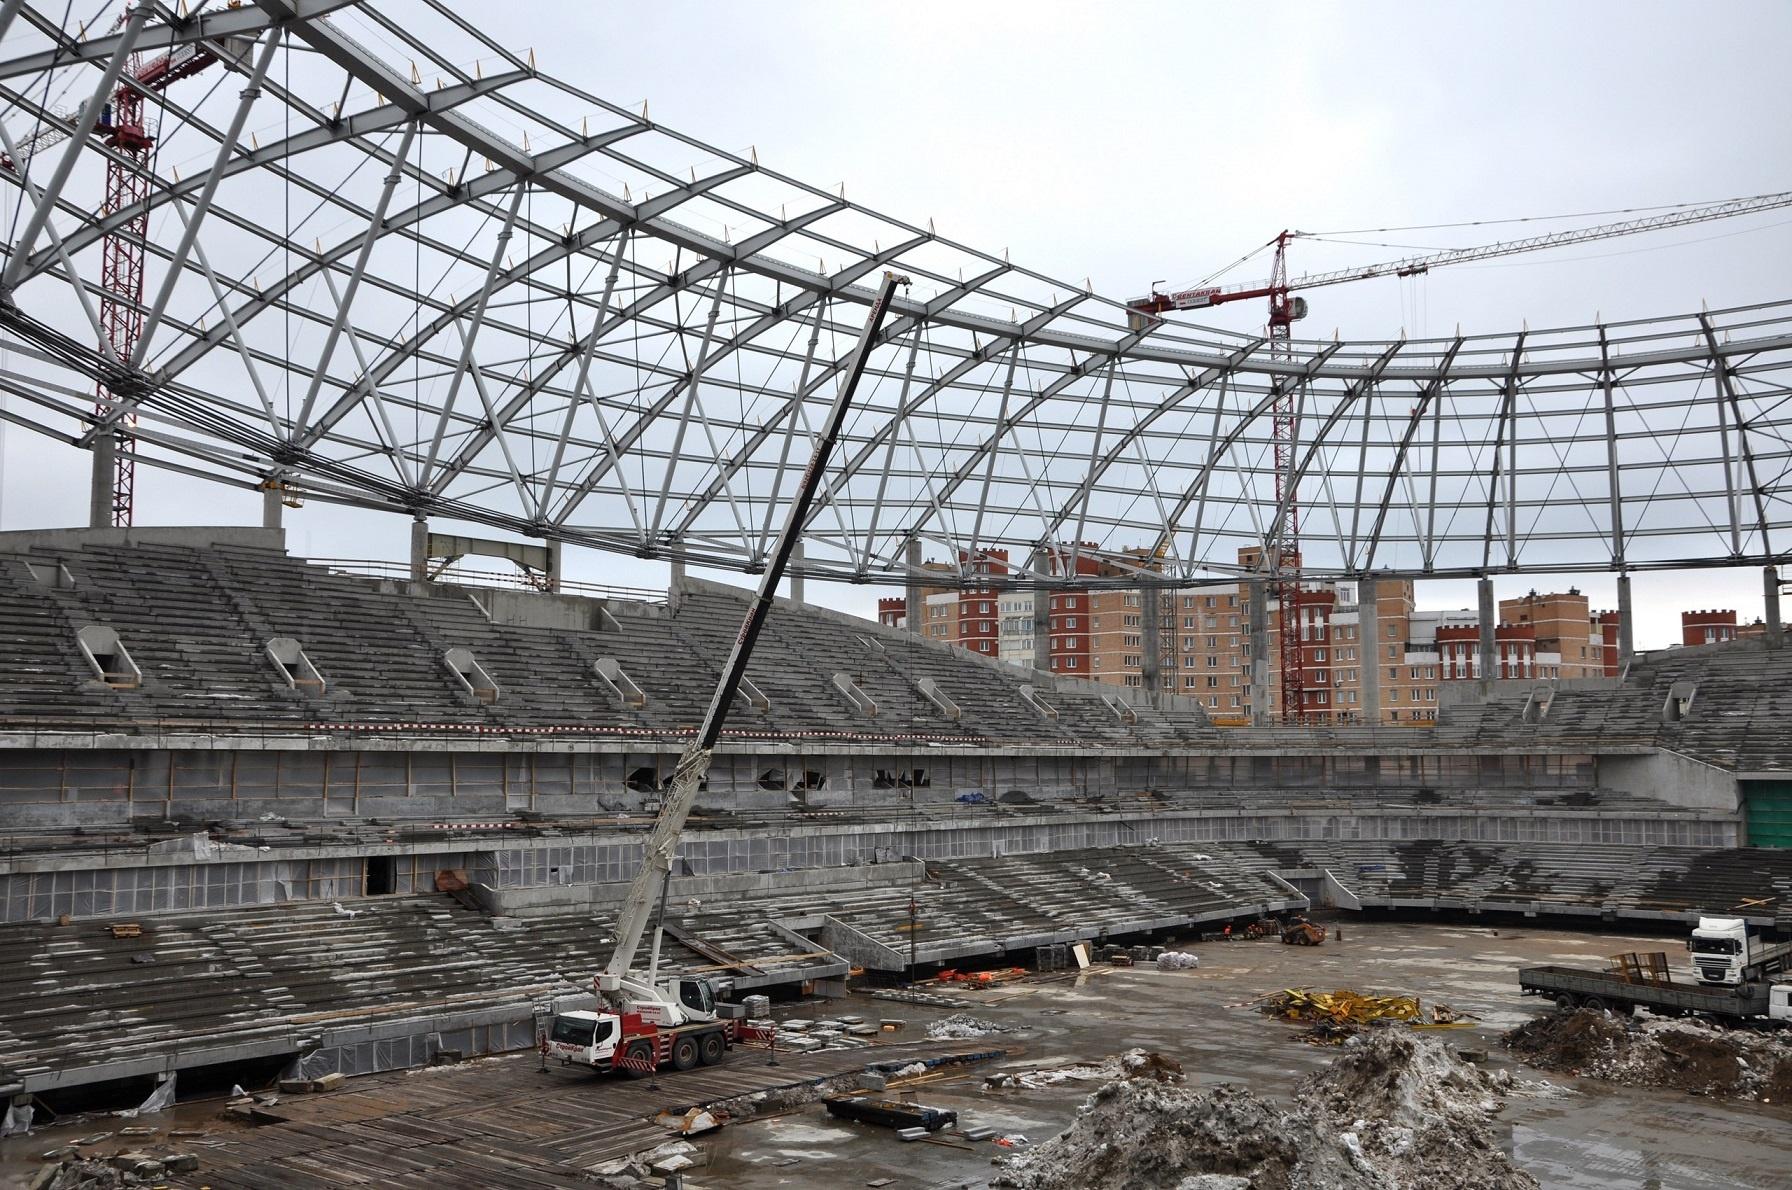 очень любит стадион динамо москва фото строительства спустился внутренность корабля